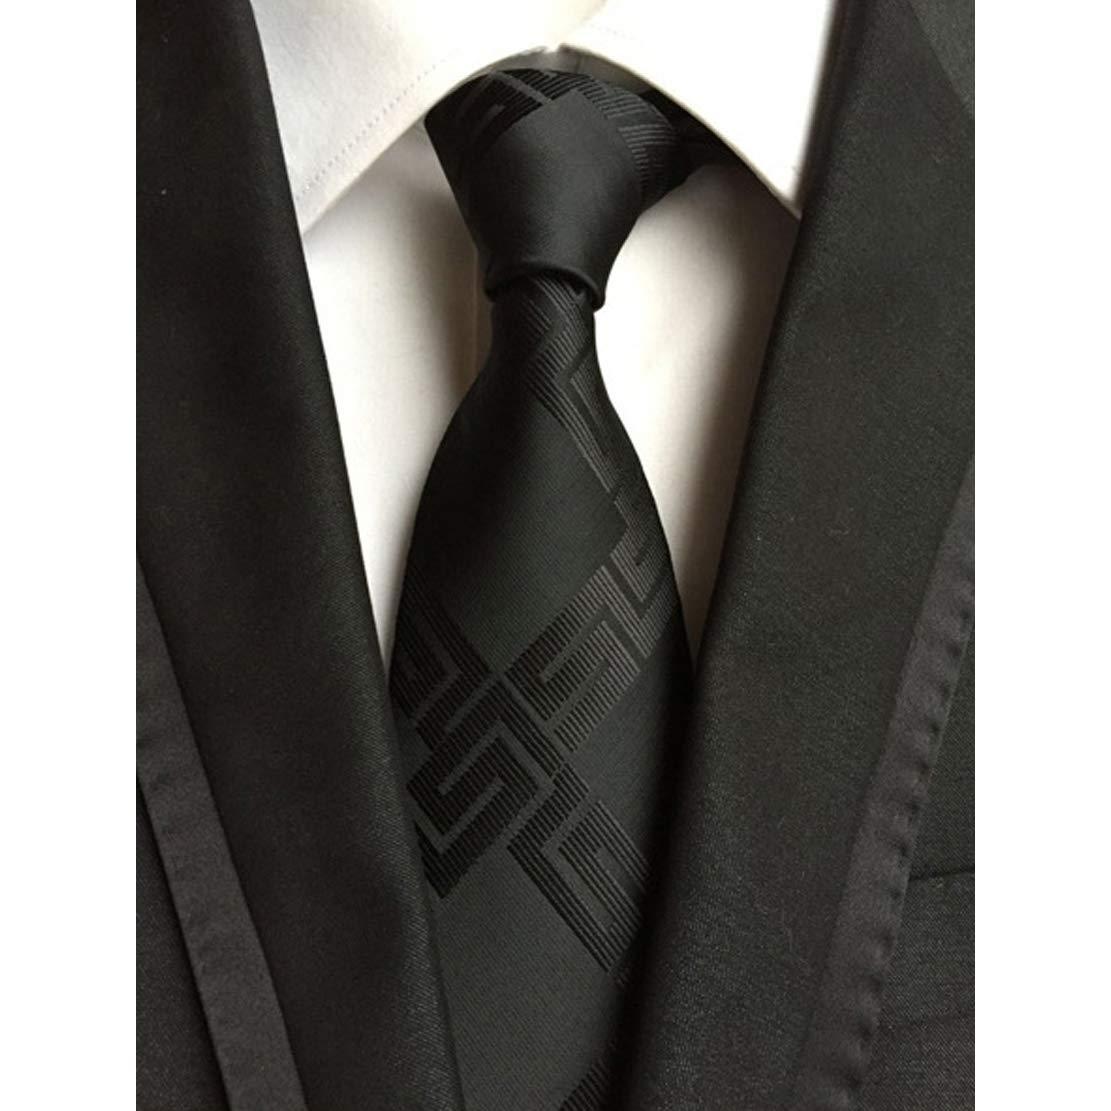 HIOD Traje de Corbata para Hombres Corbata Negra de Seda para ...